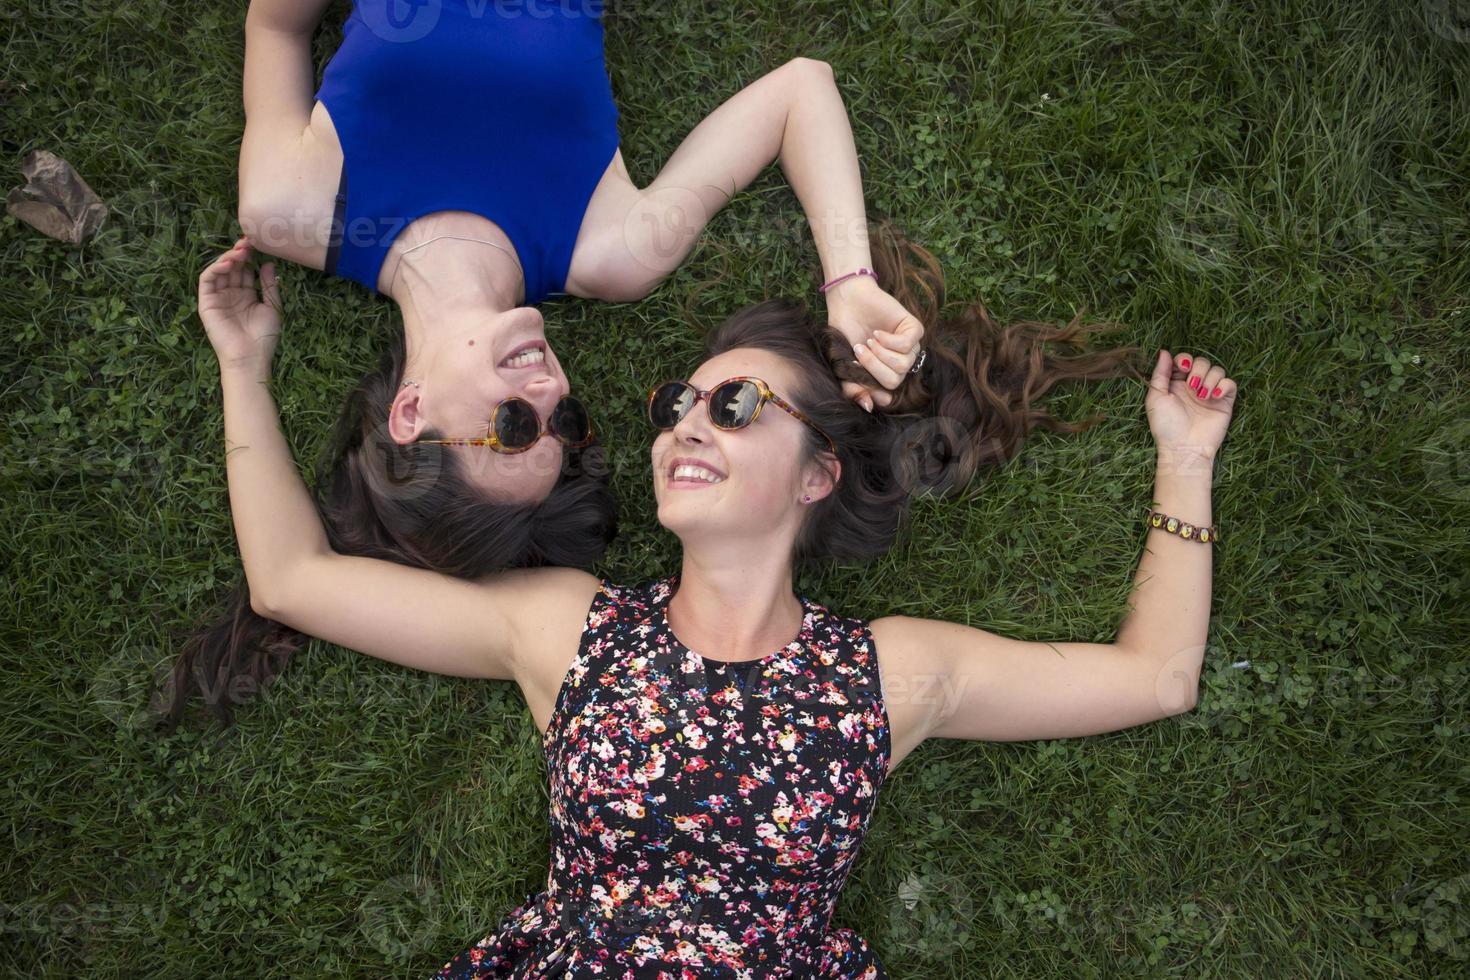 två intima söta flickor som kopplar av i gräset. foto